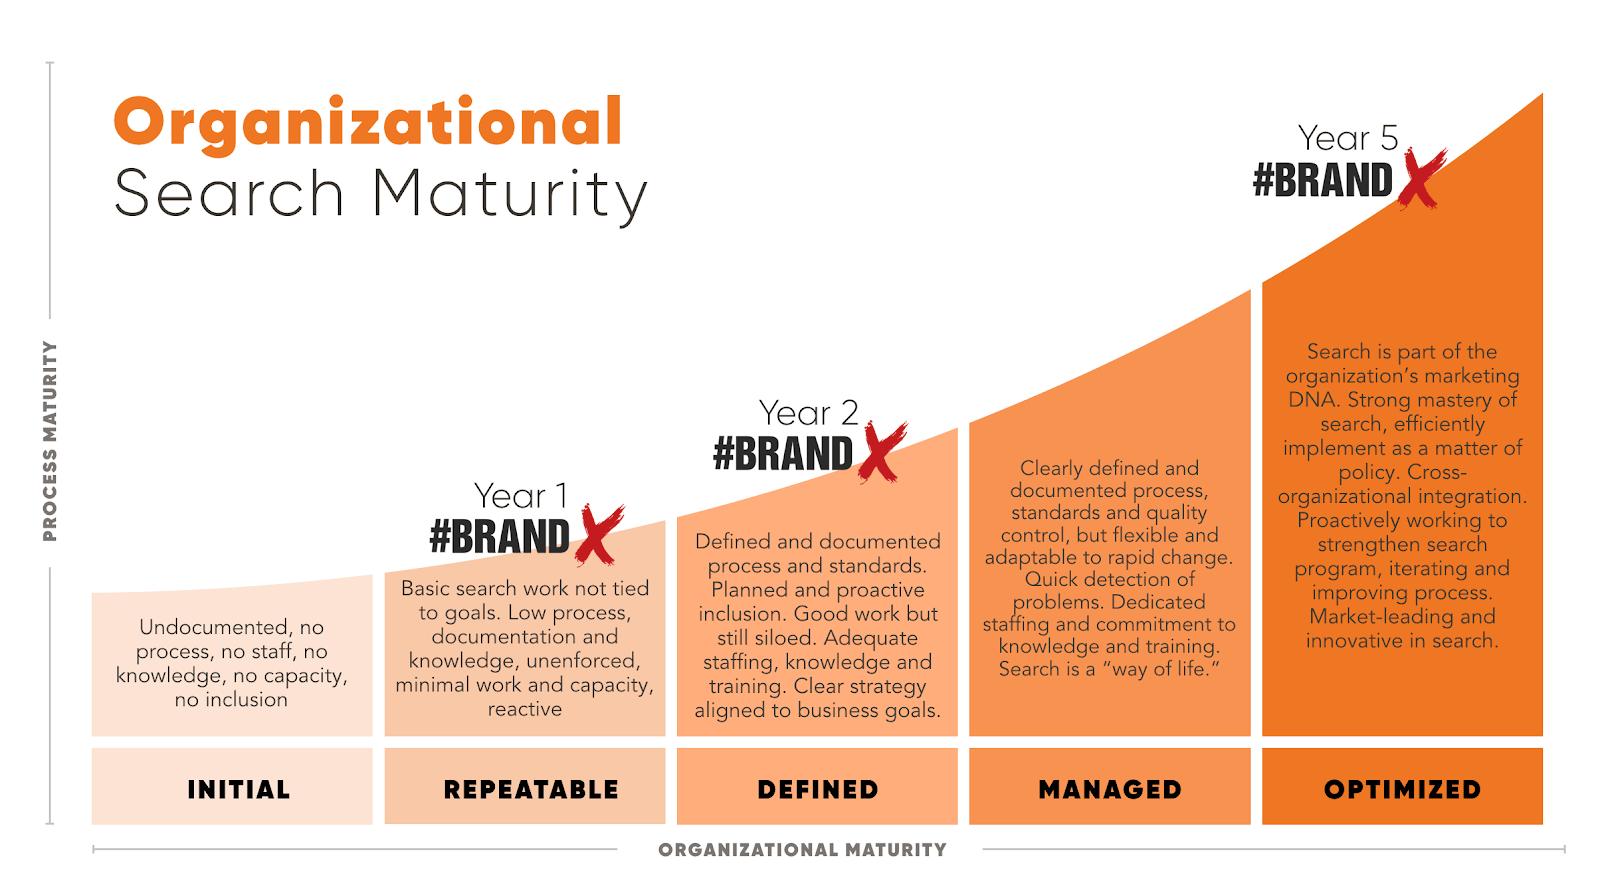 Organizational Search Maturity